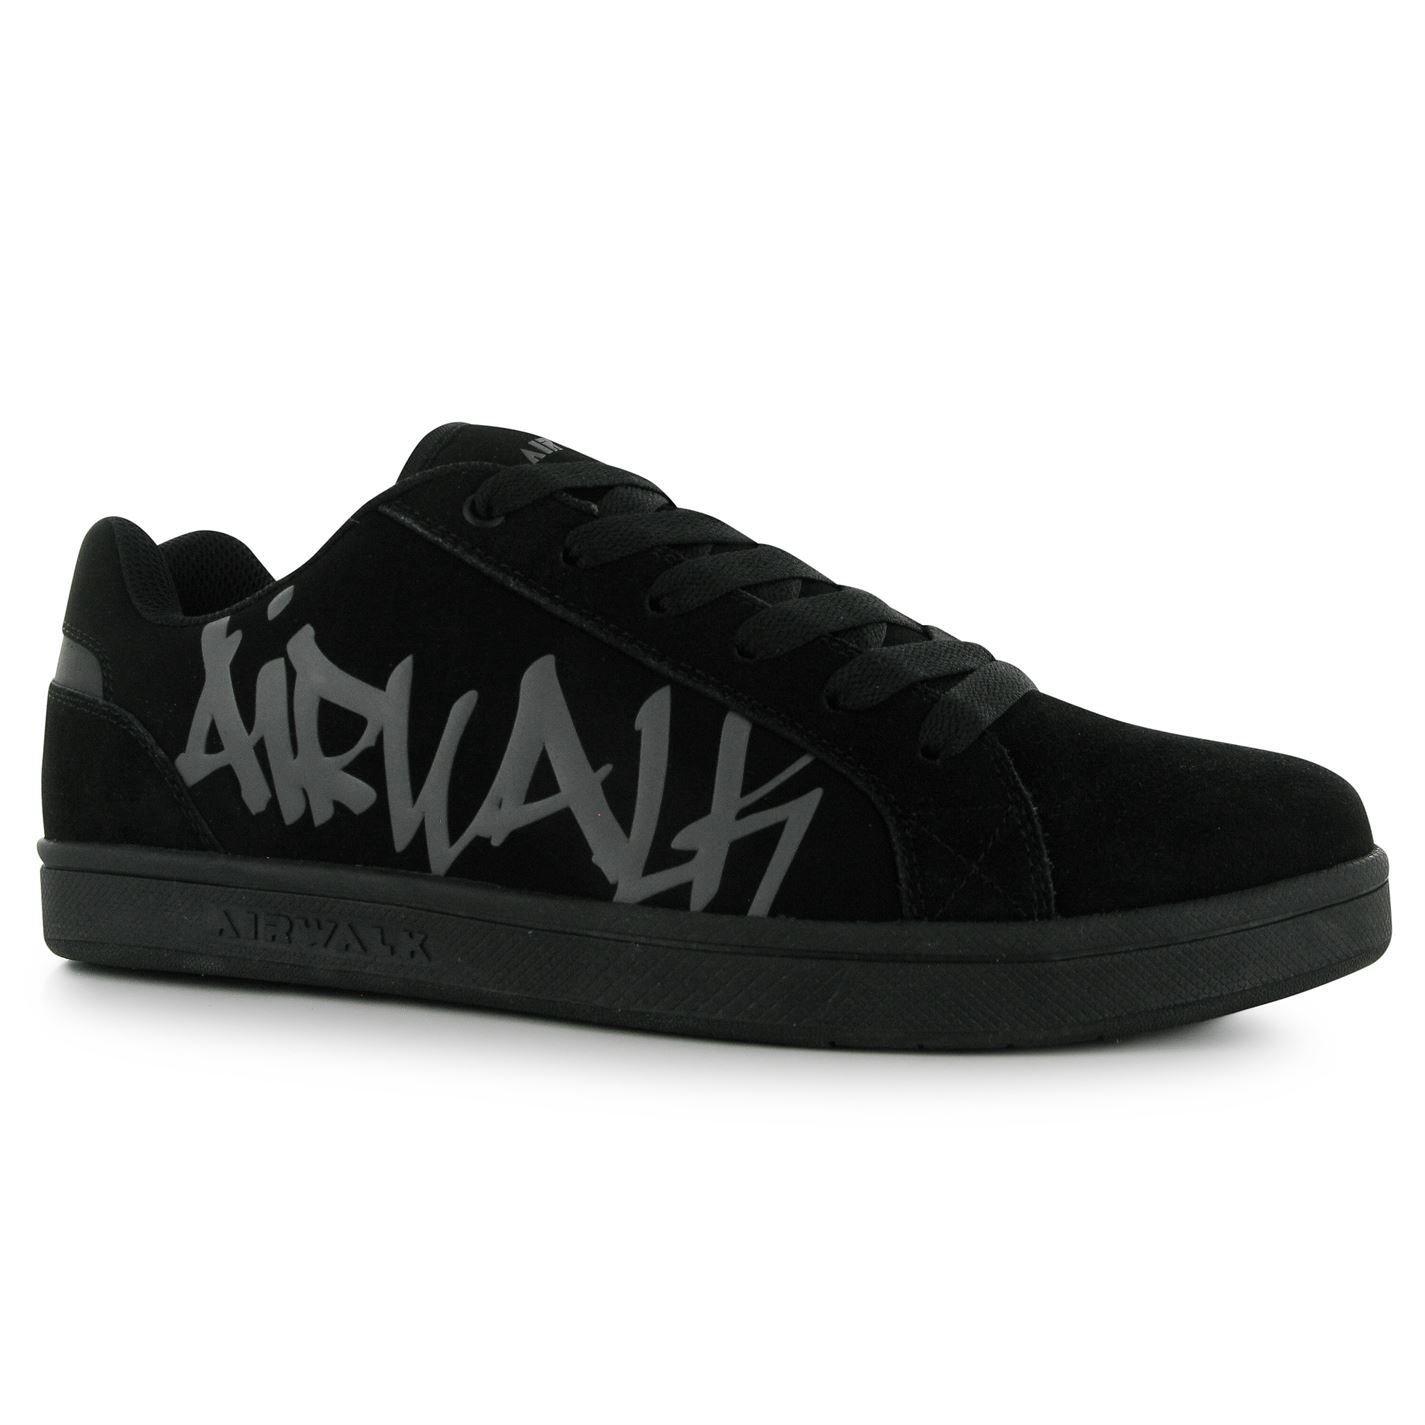 Airwalk Neptune Skate Shoes Mens Black